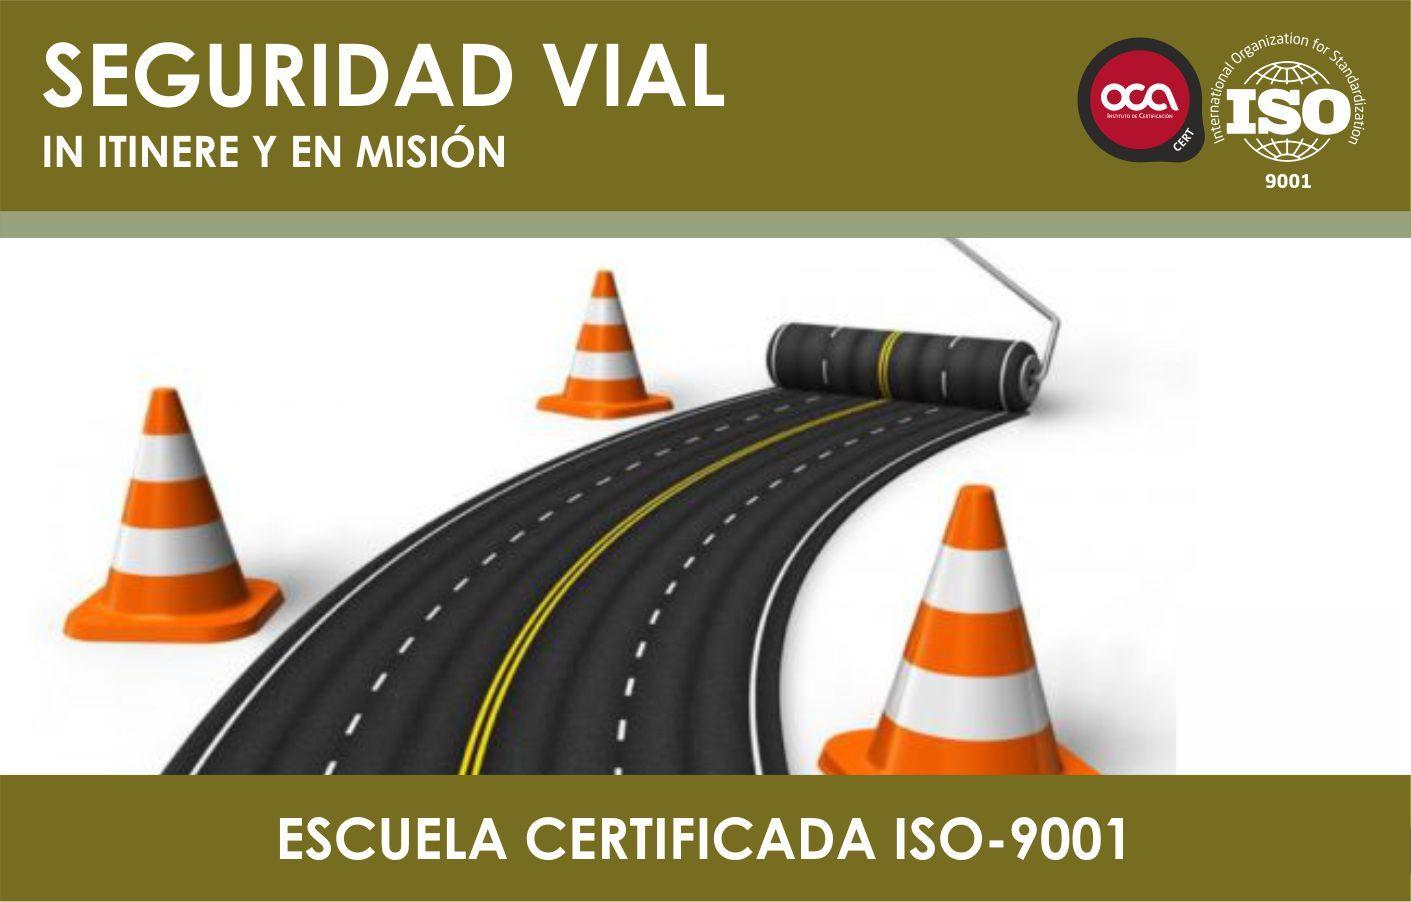 Curso de seguridad vial in itinere y en mision eesea